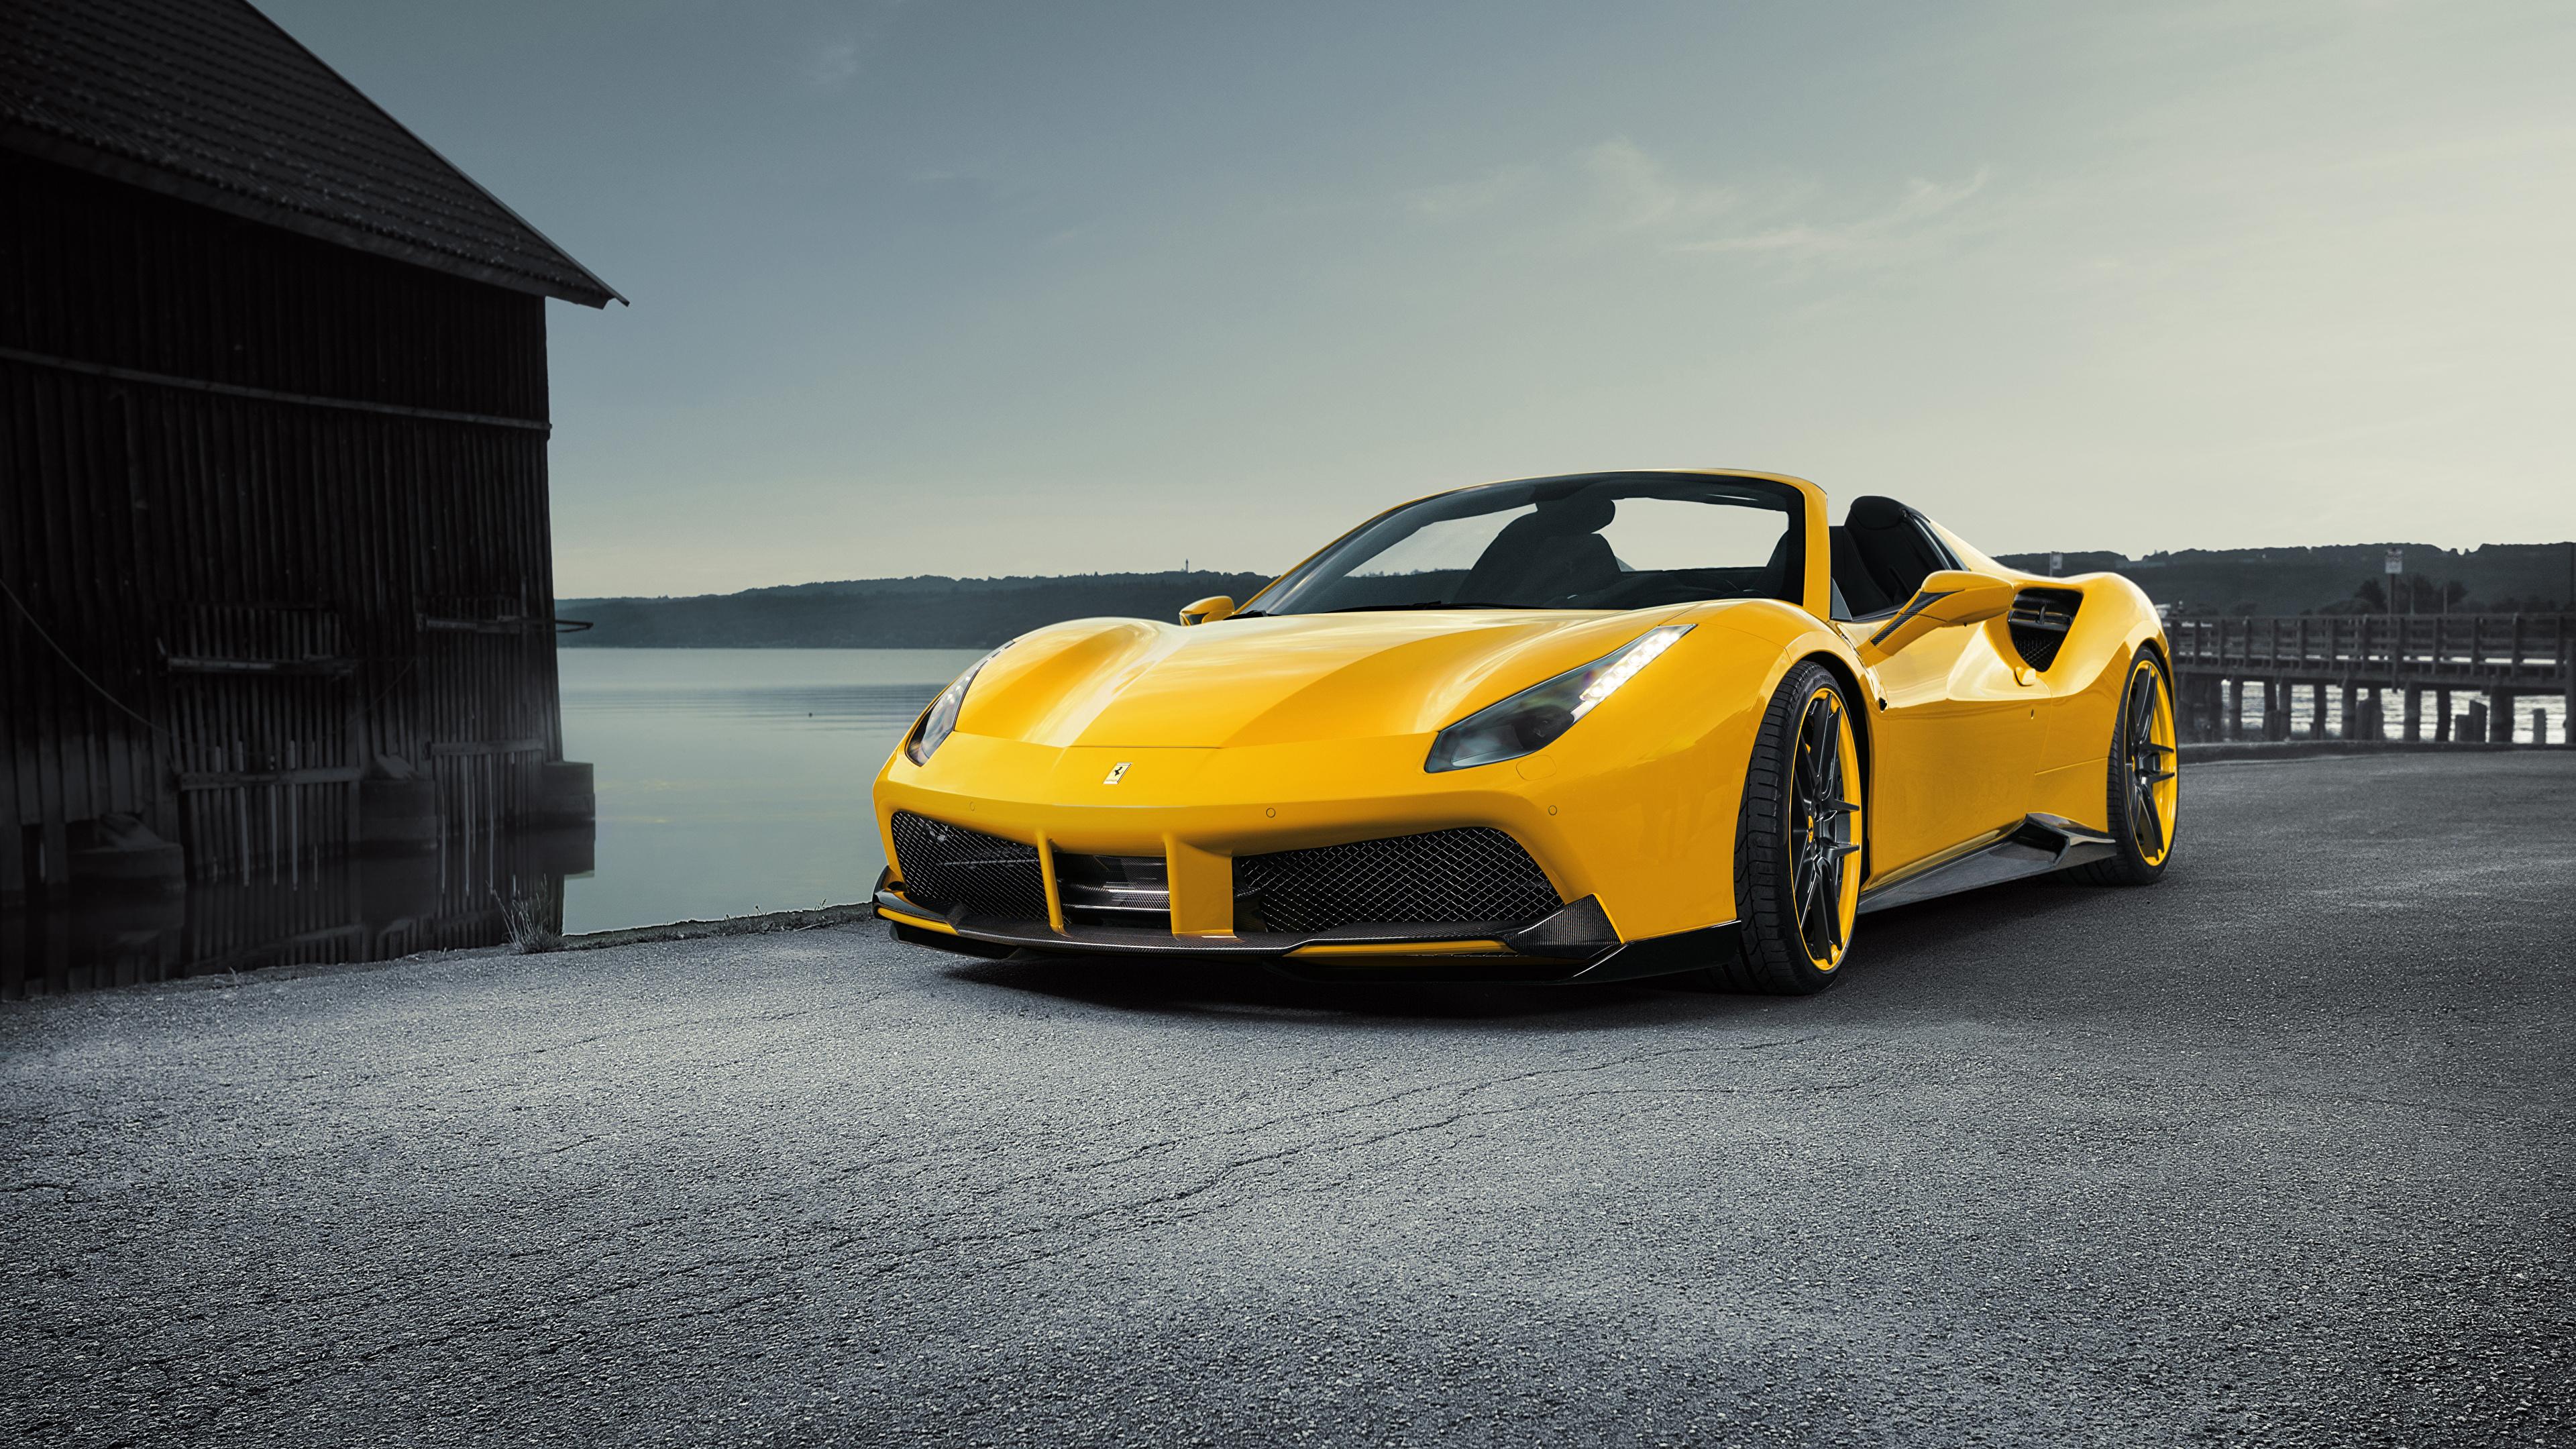 Фотография Ferrari Spider Rosso Novitec 488 Родстер желтая машина 3840x2160 Феррари желтых желтые Желтый авто машины автомобиль Автомобили